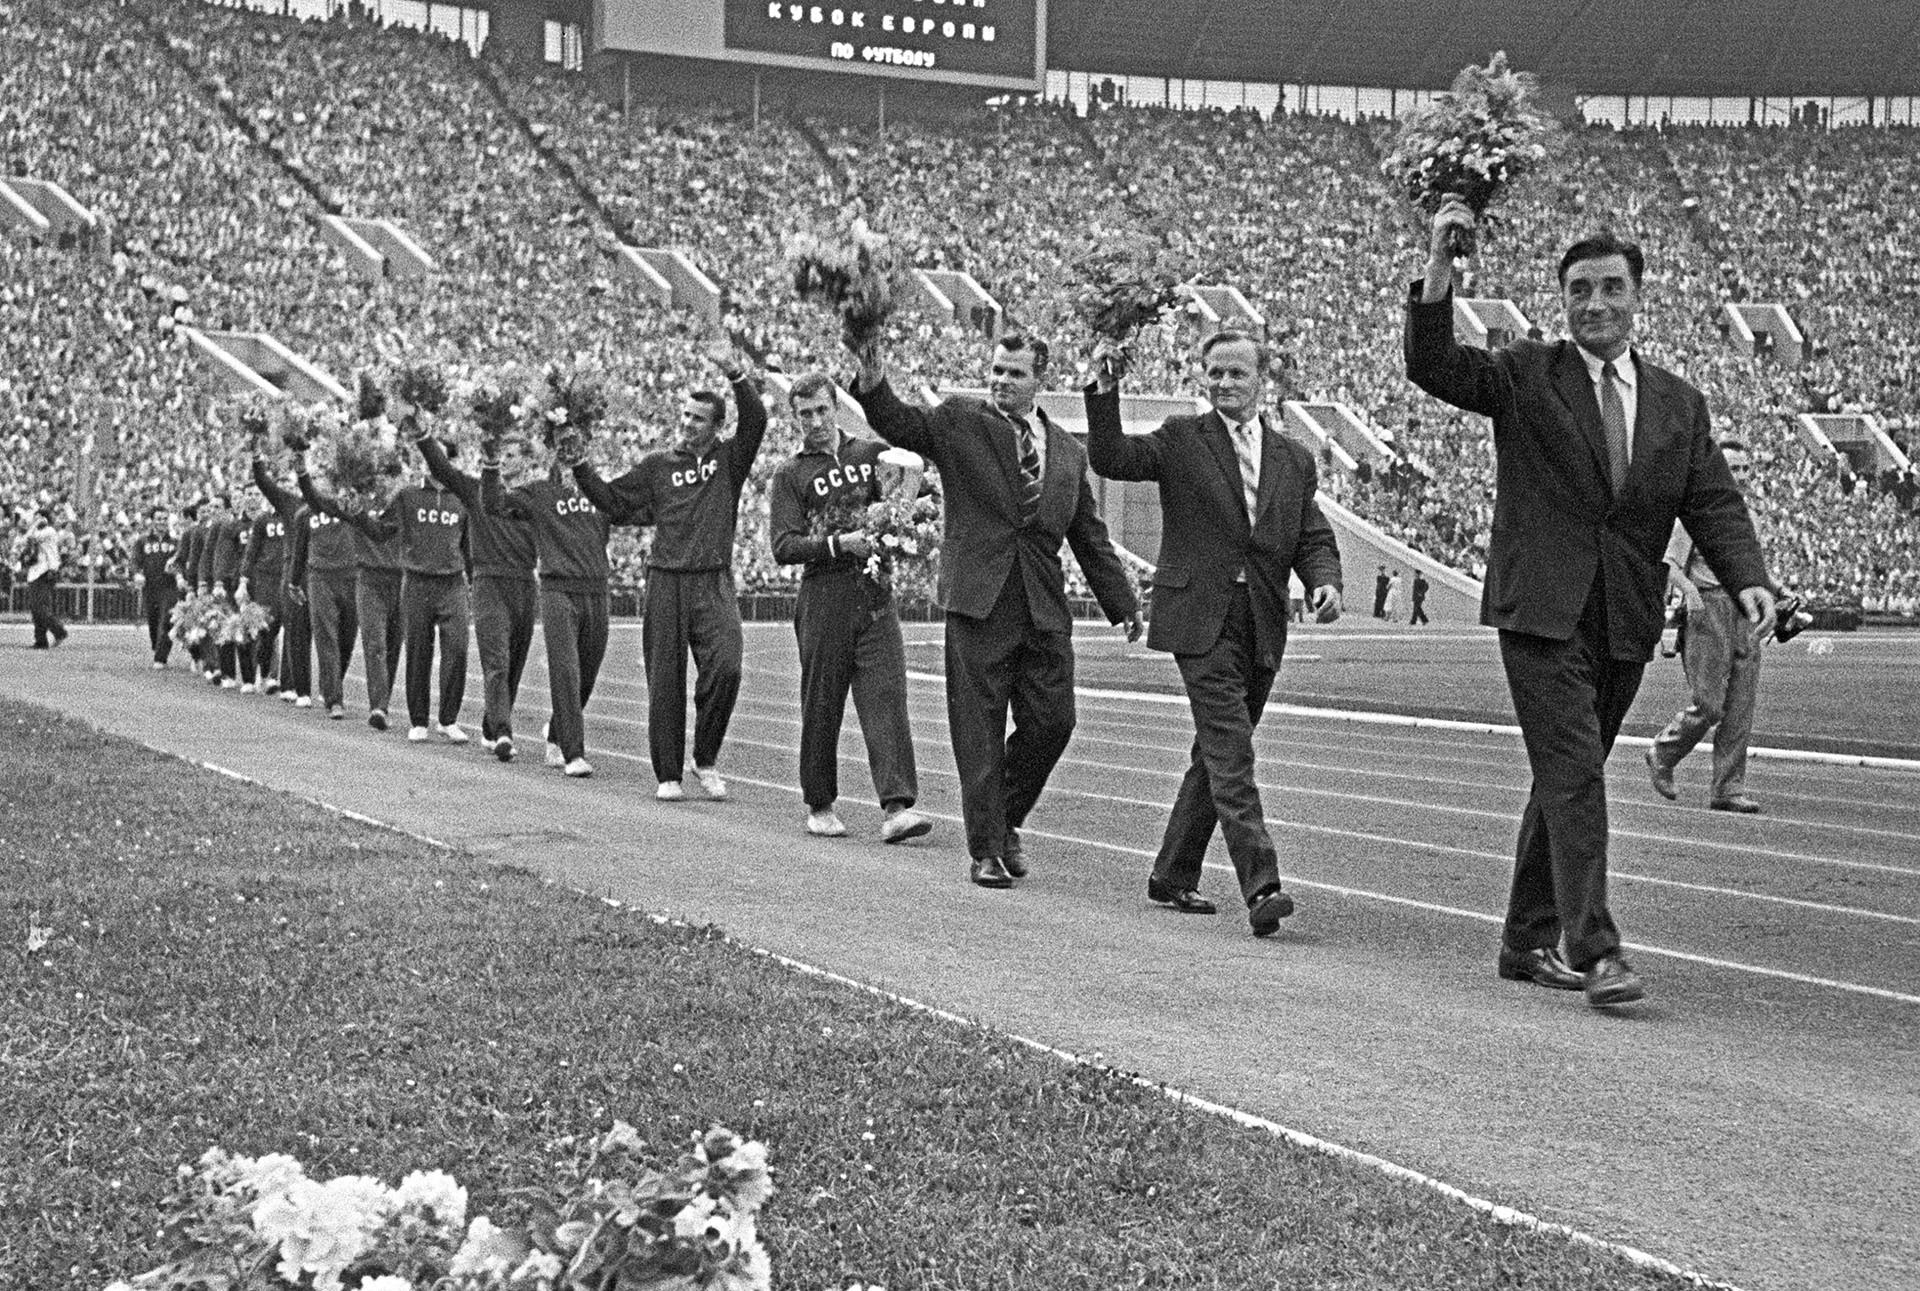 Фудбалска репрезентација СССР је први пут 1960. године освојила Куп Европе.